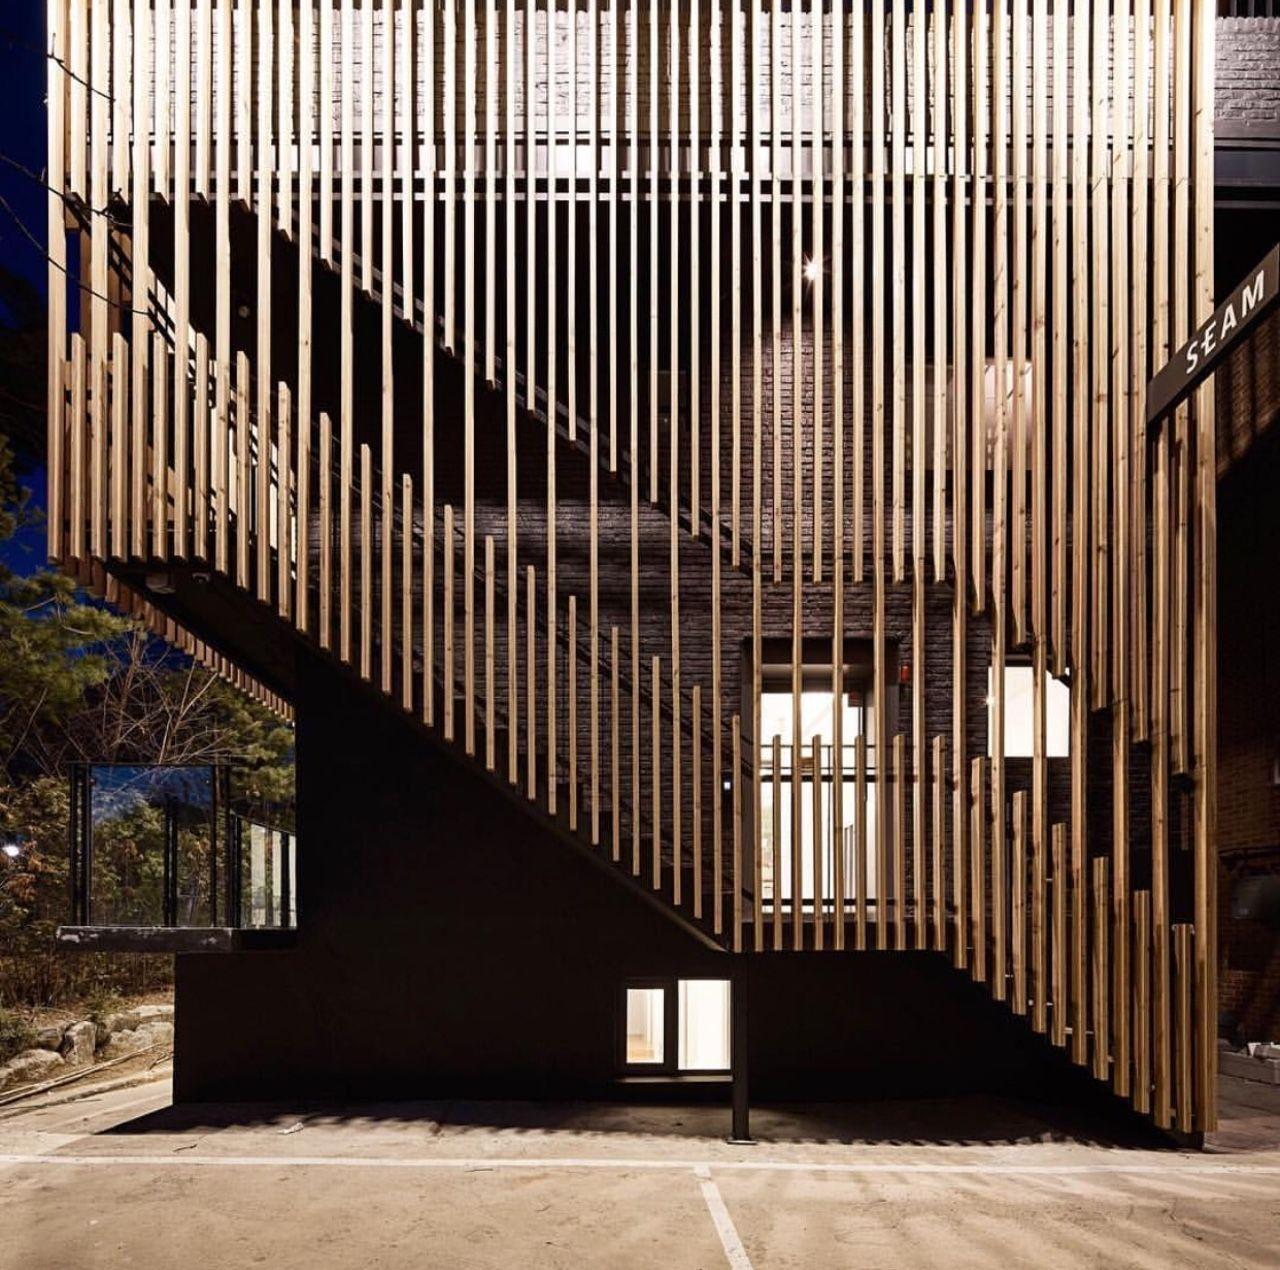 Treppenhaus architektur aussen  Pin von paNg ^^ auf Staircase | Pinterest | Lounges, Privat und Treppe